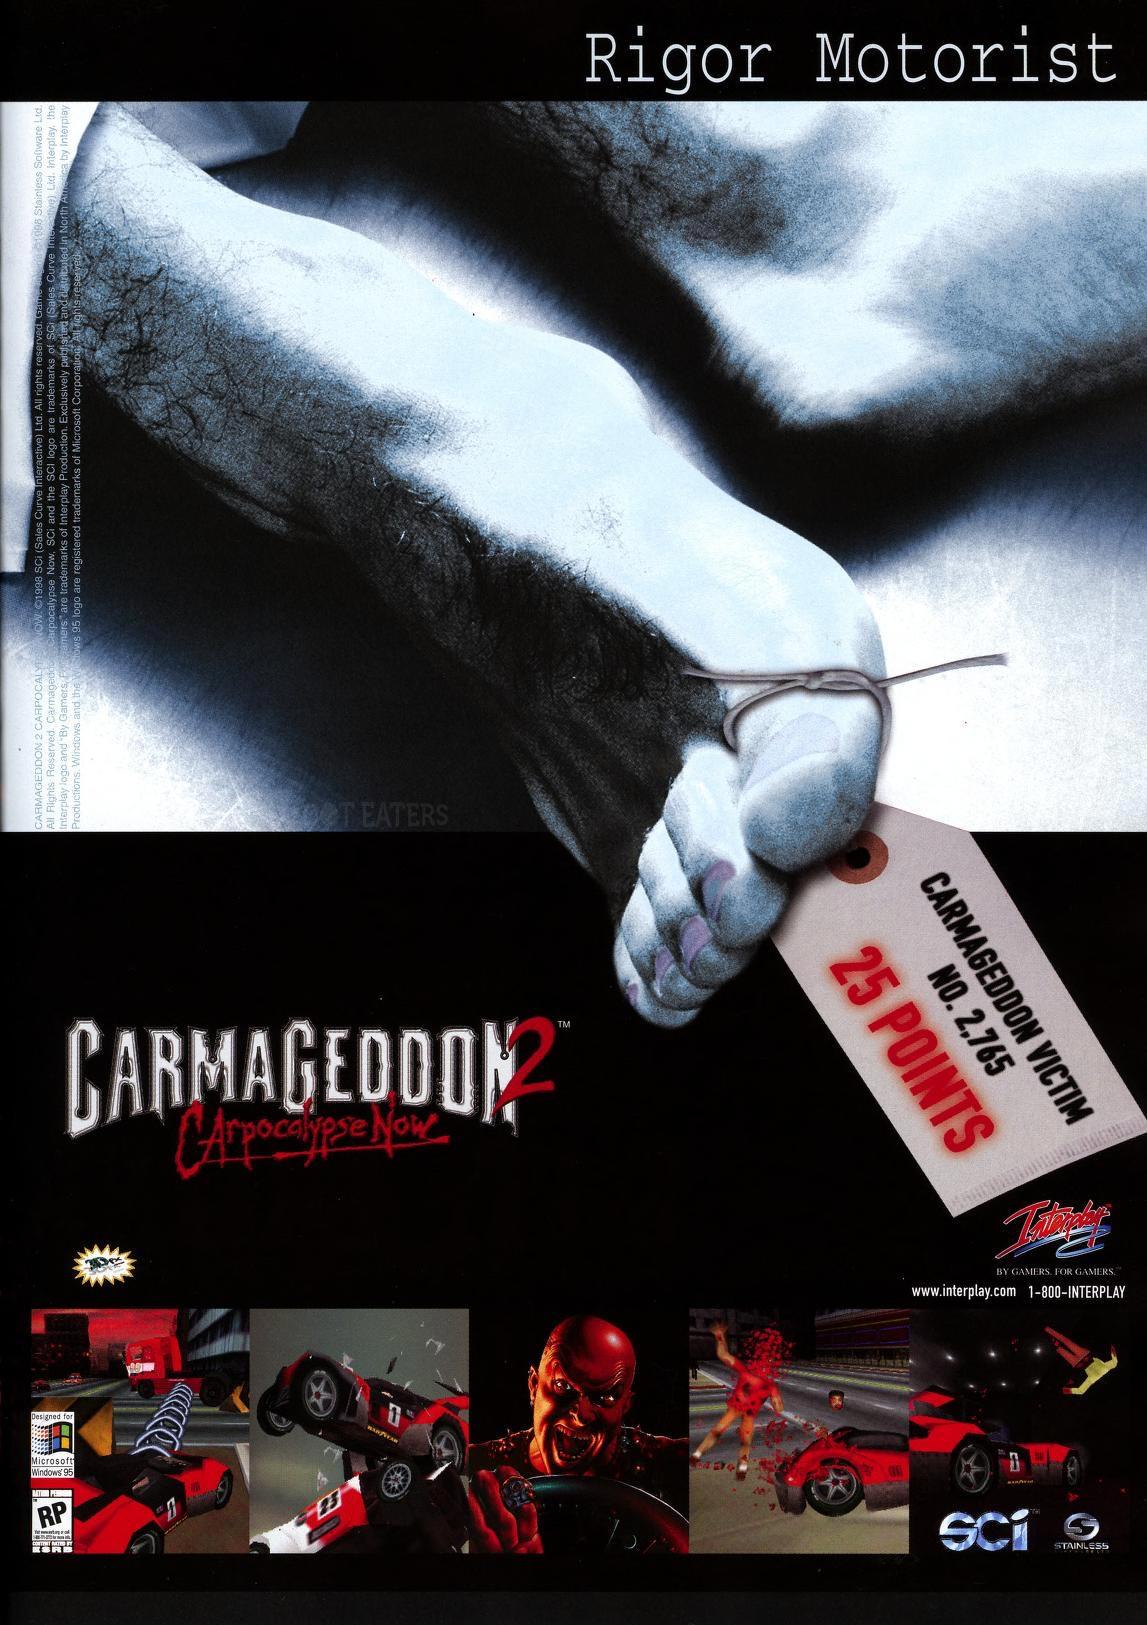 Ad for Carmageddon 2, a violent videogame